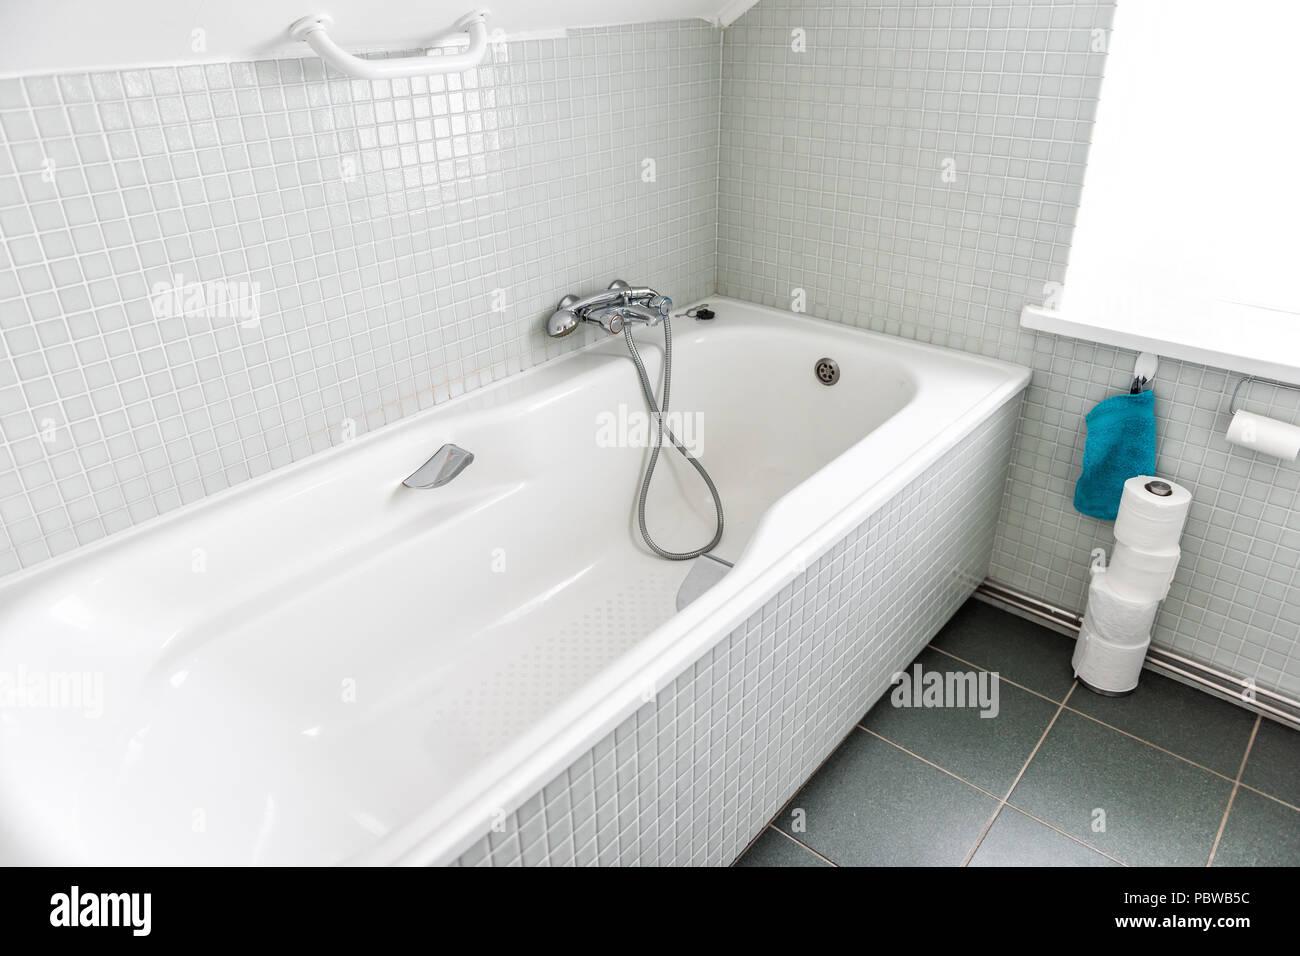 Vasca Da Casa : Nuovo allestimento pulito casa modello casa hotel ostello o